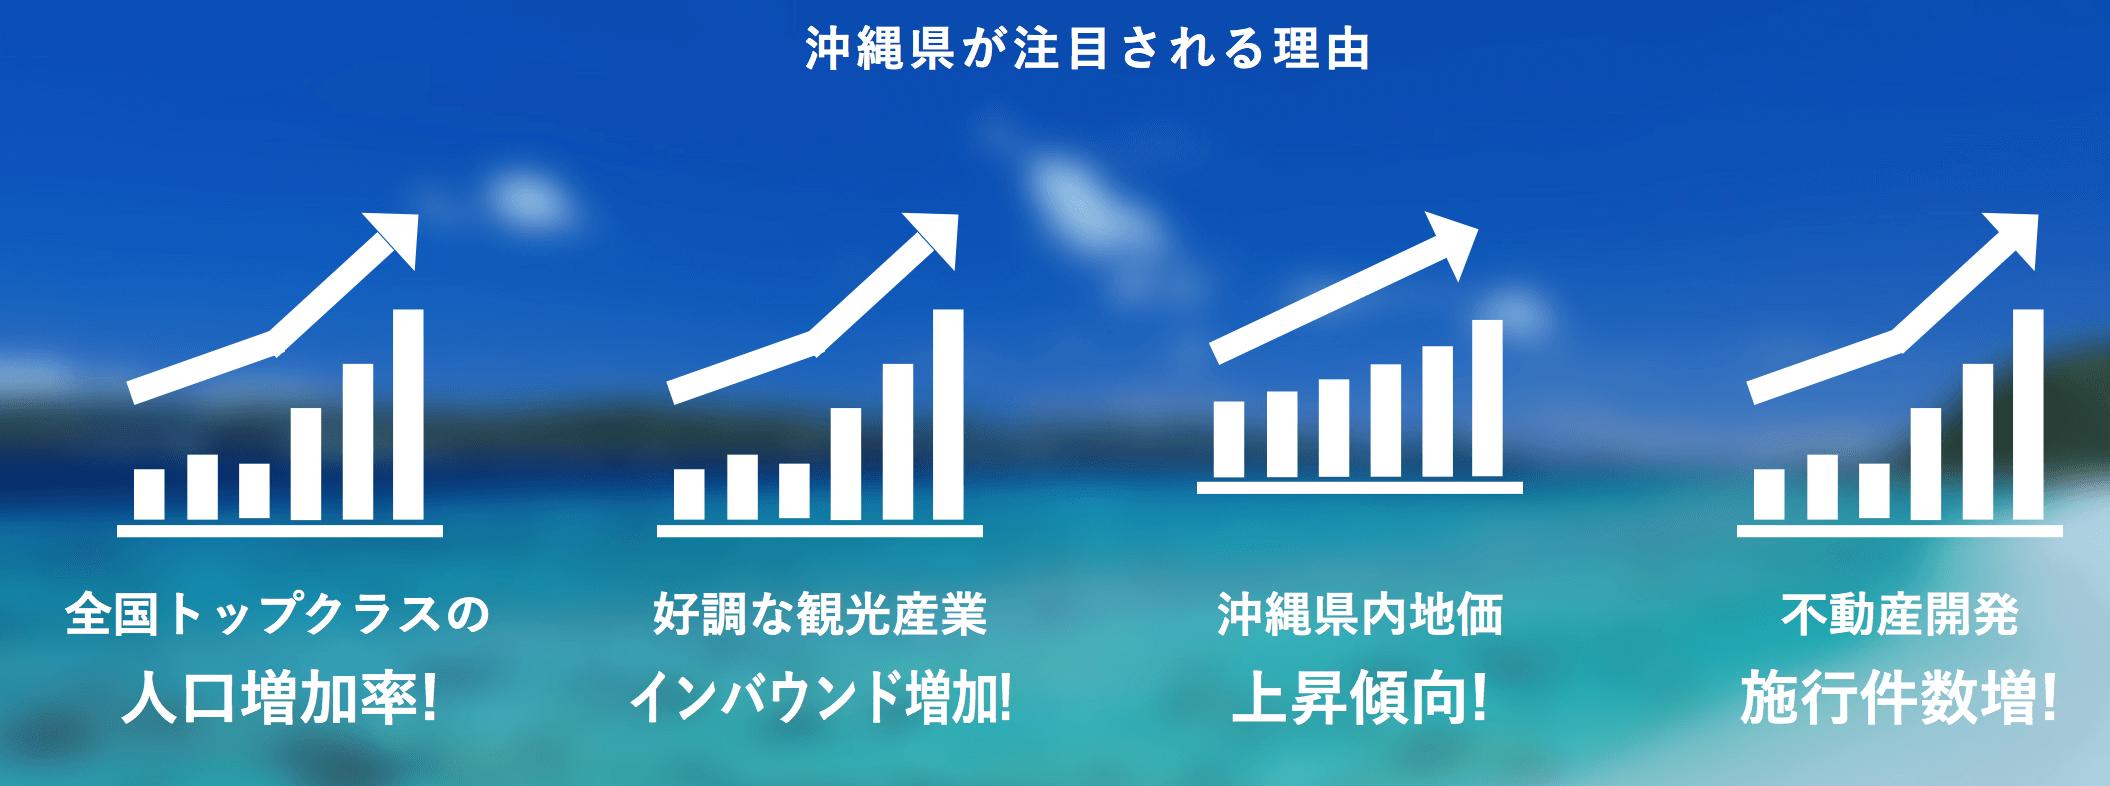 沖縄県が注目される理由